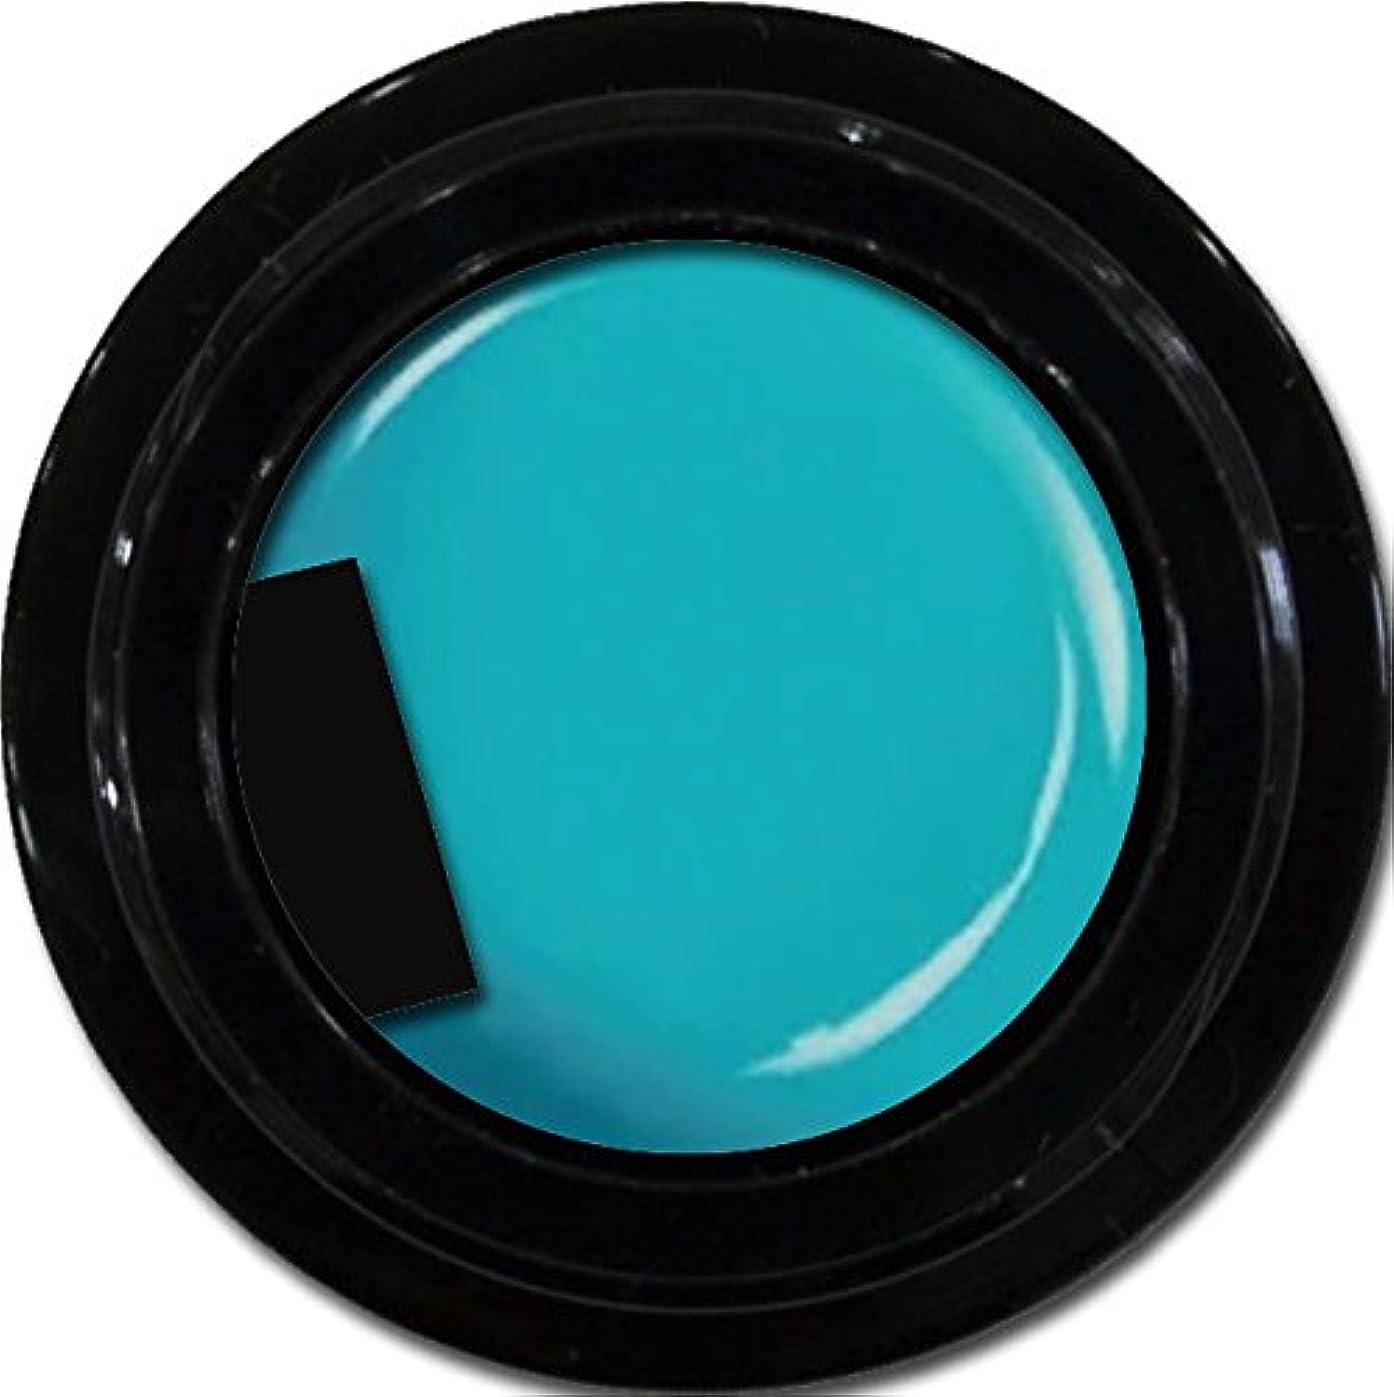 カラージェル enchant color gel M707 CanalBlue3g/ マットカラージェル M707カナールブルー 3グラム